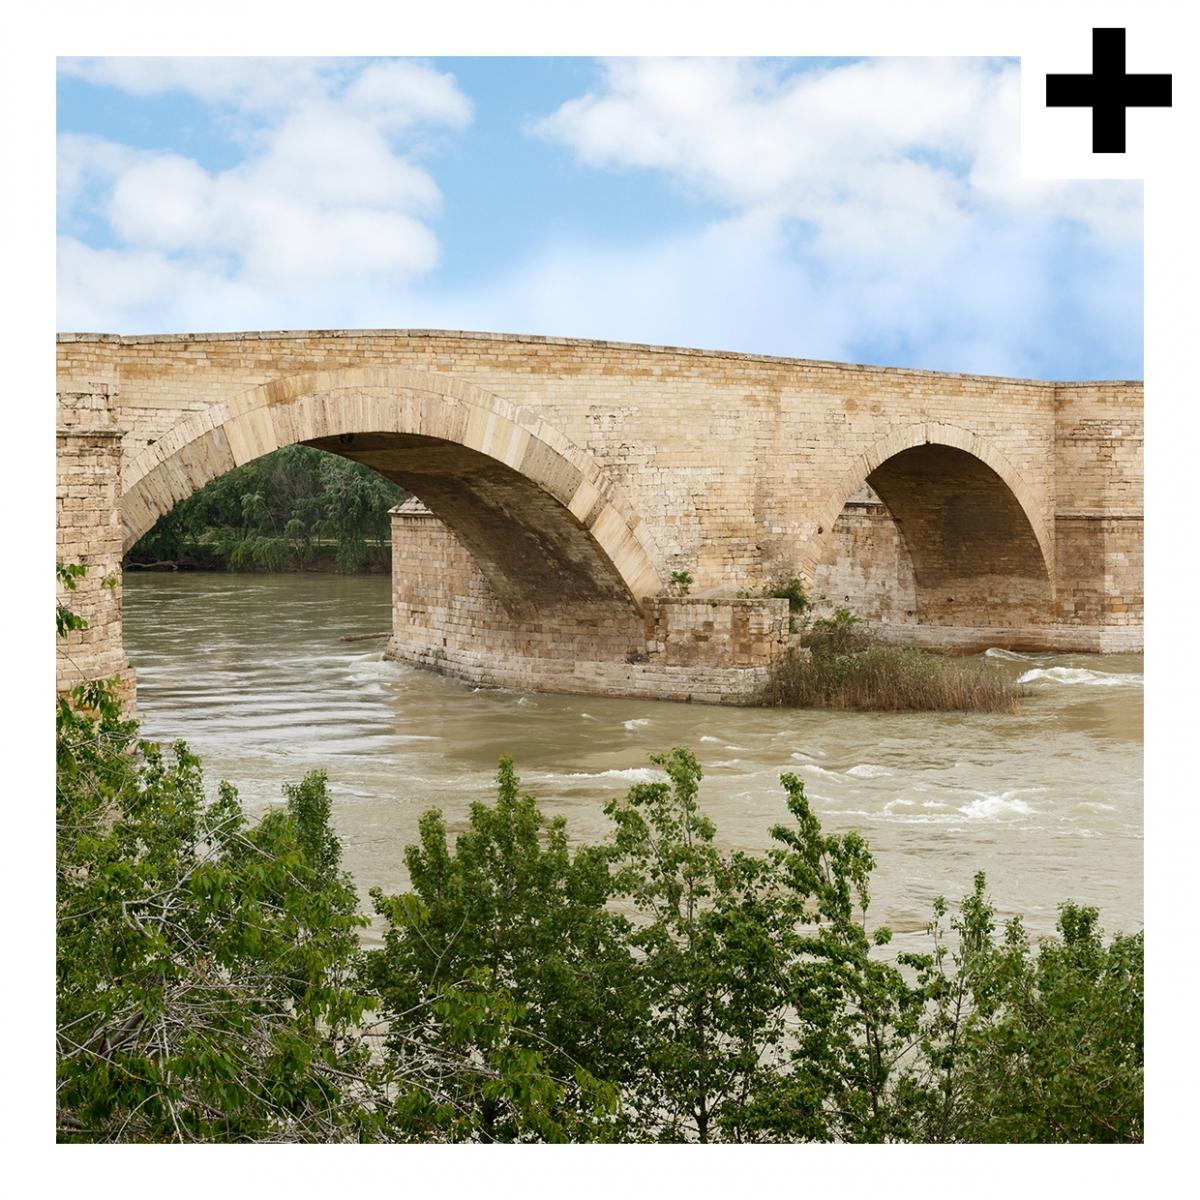 Imagen en la que se ve el plural del concepto puente